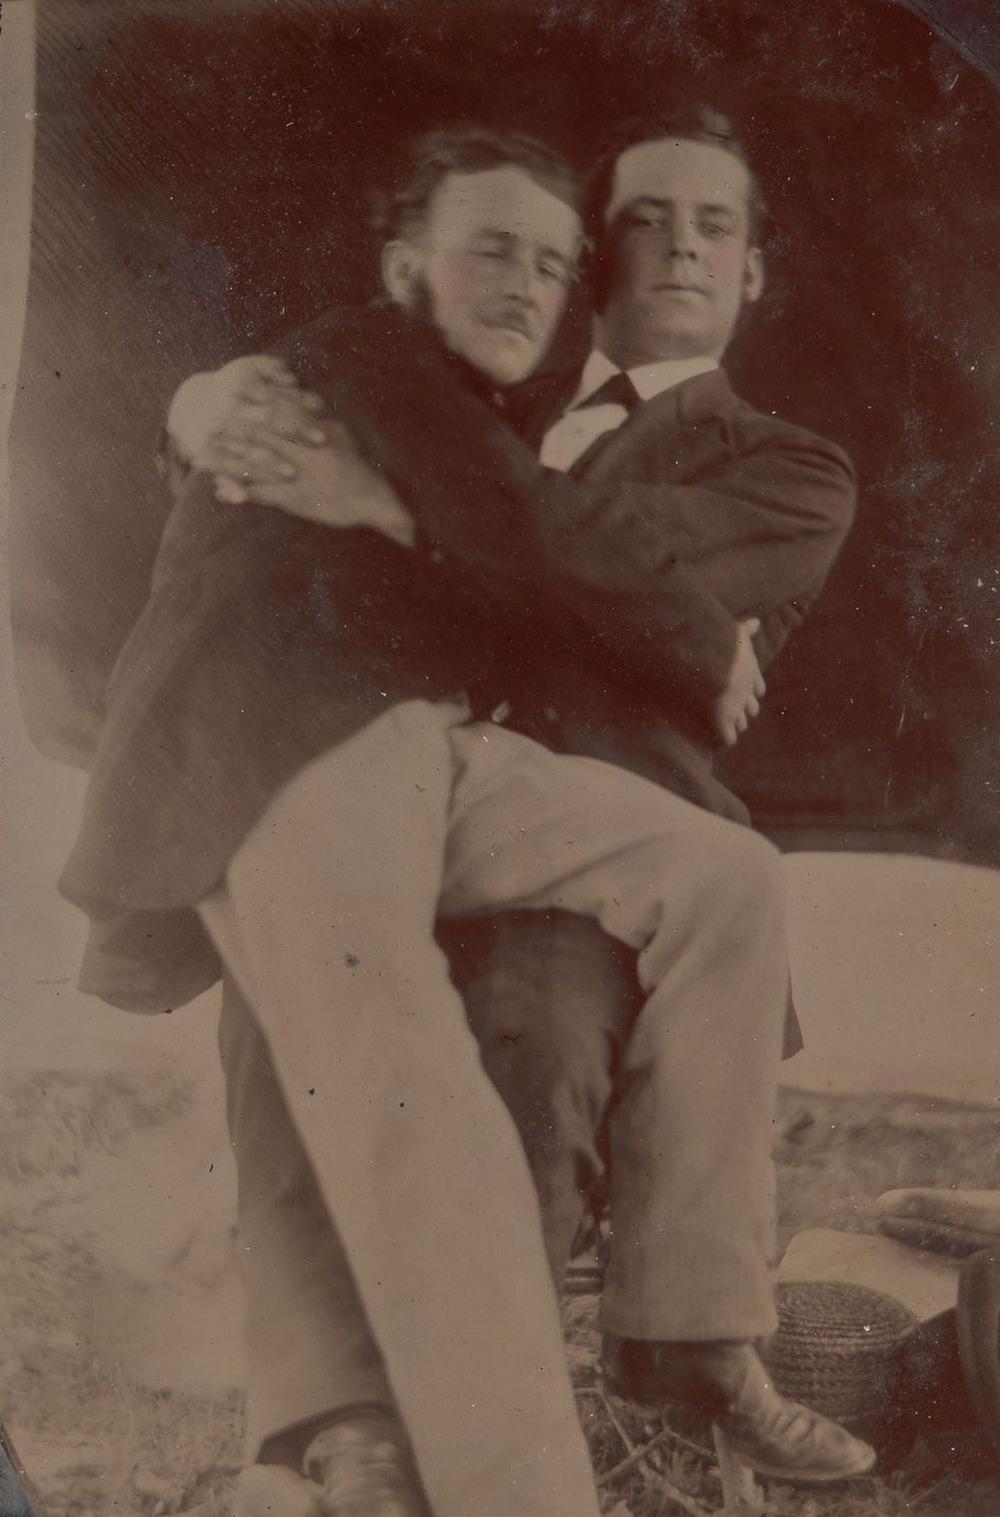 Броманс в викторианскую эпоху: интимные мужские объятия в редких фотографиях конца 1800-х годов  12